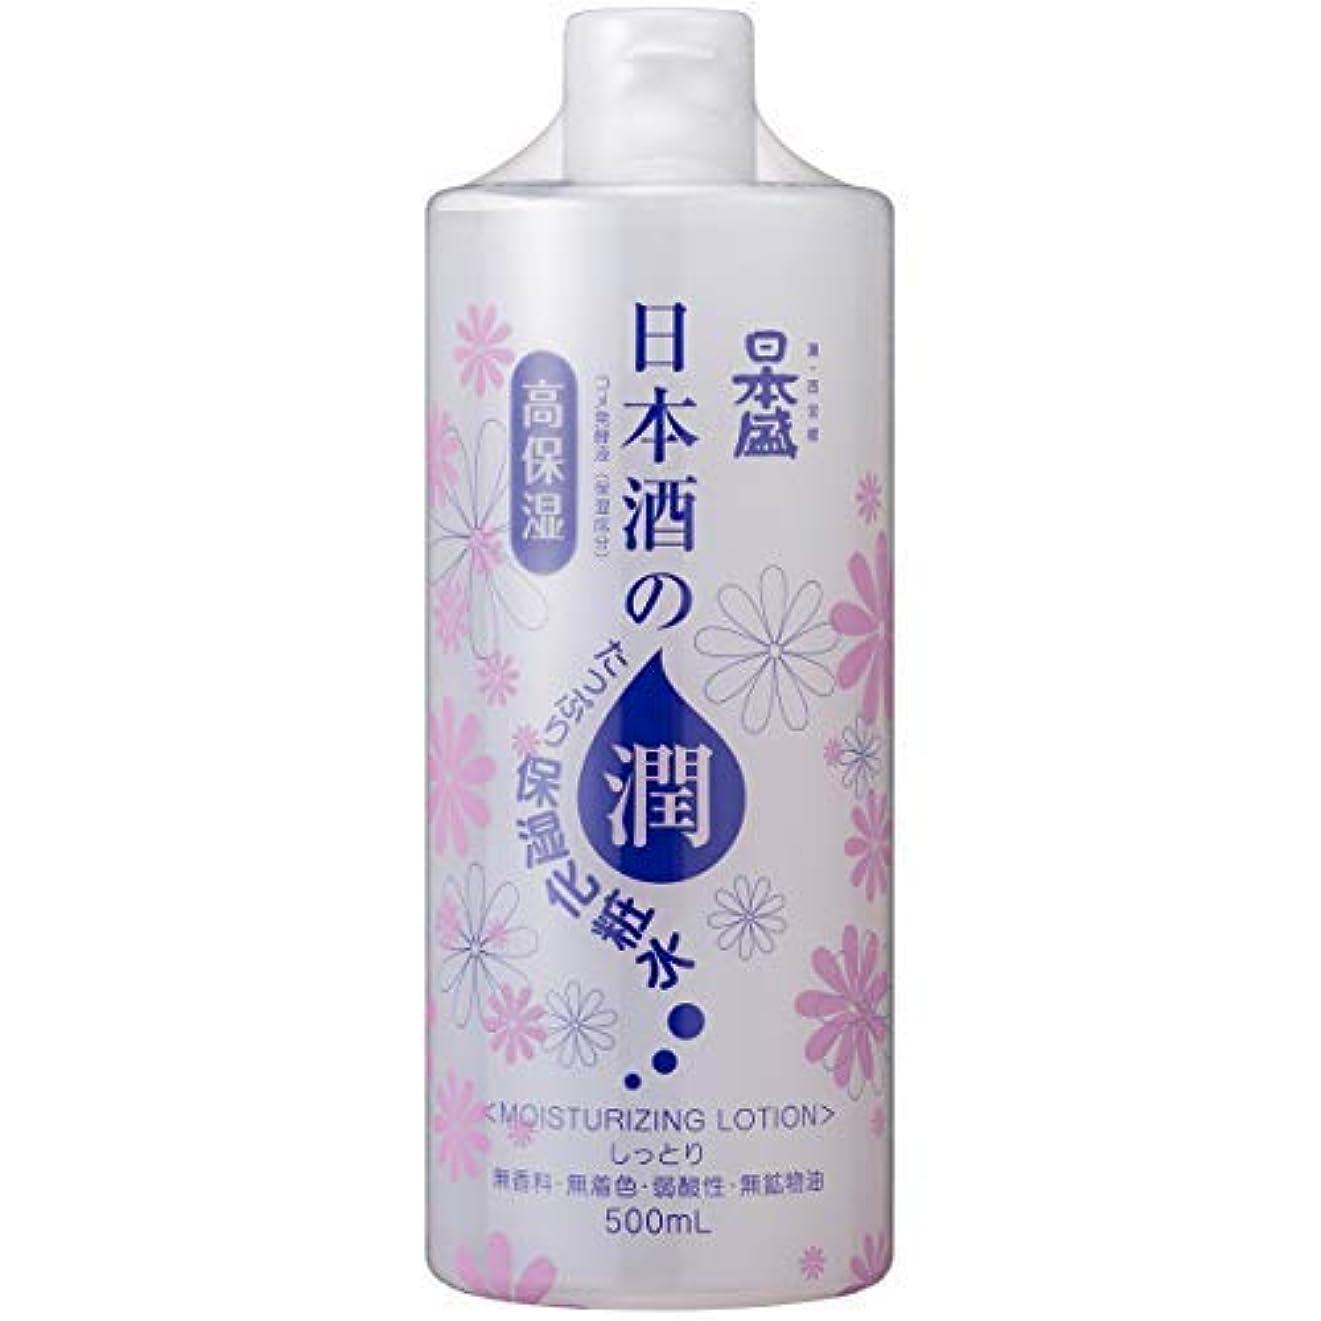 鳴り響くごちそう取得日本酒のたっぷり保湿 化粧水しっとり × 3個セット